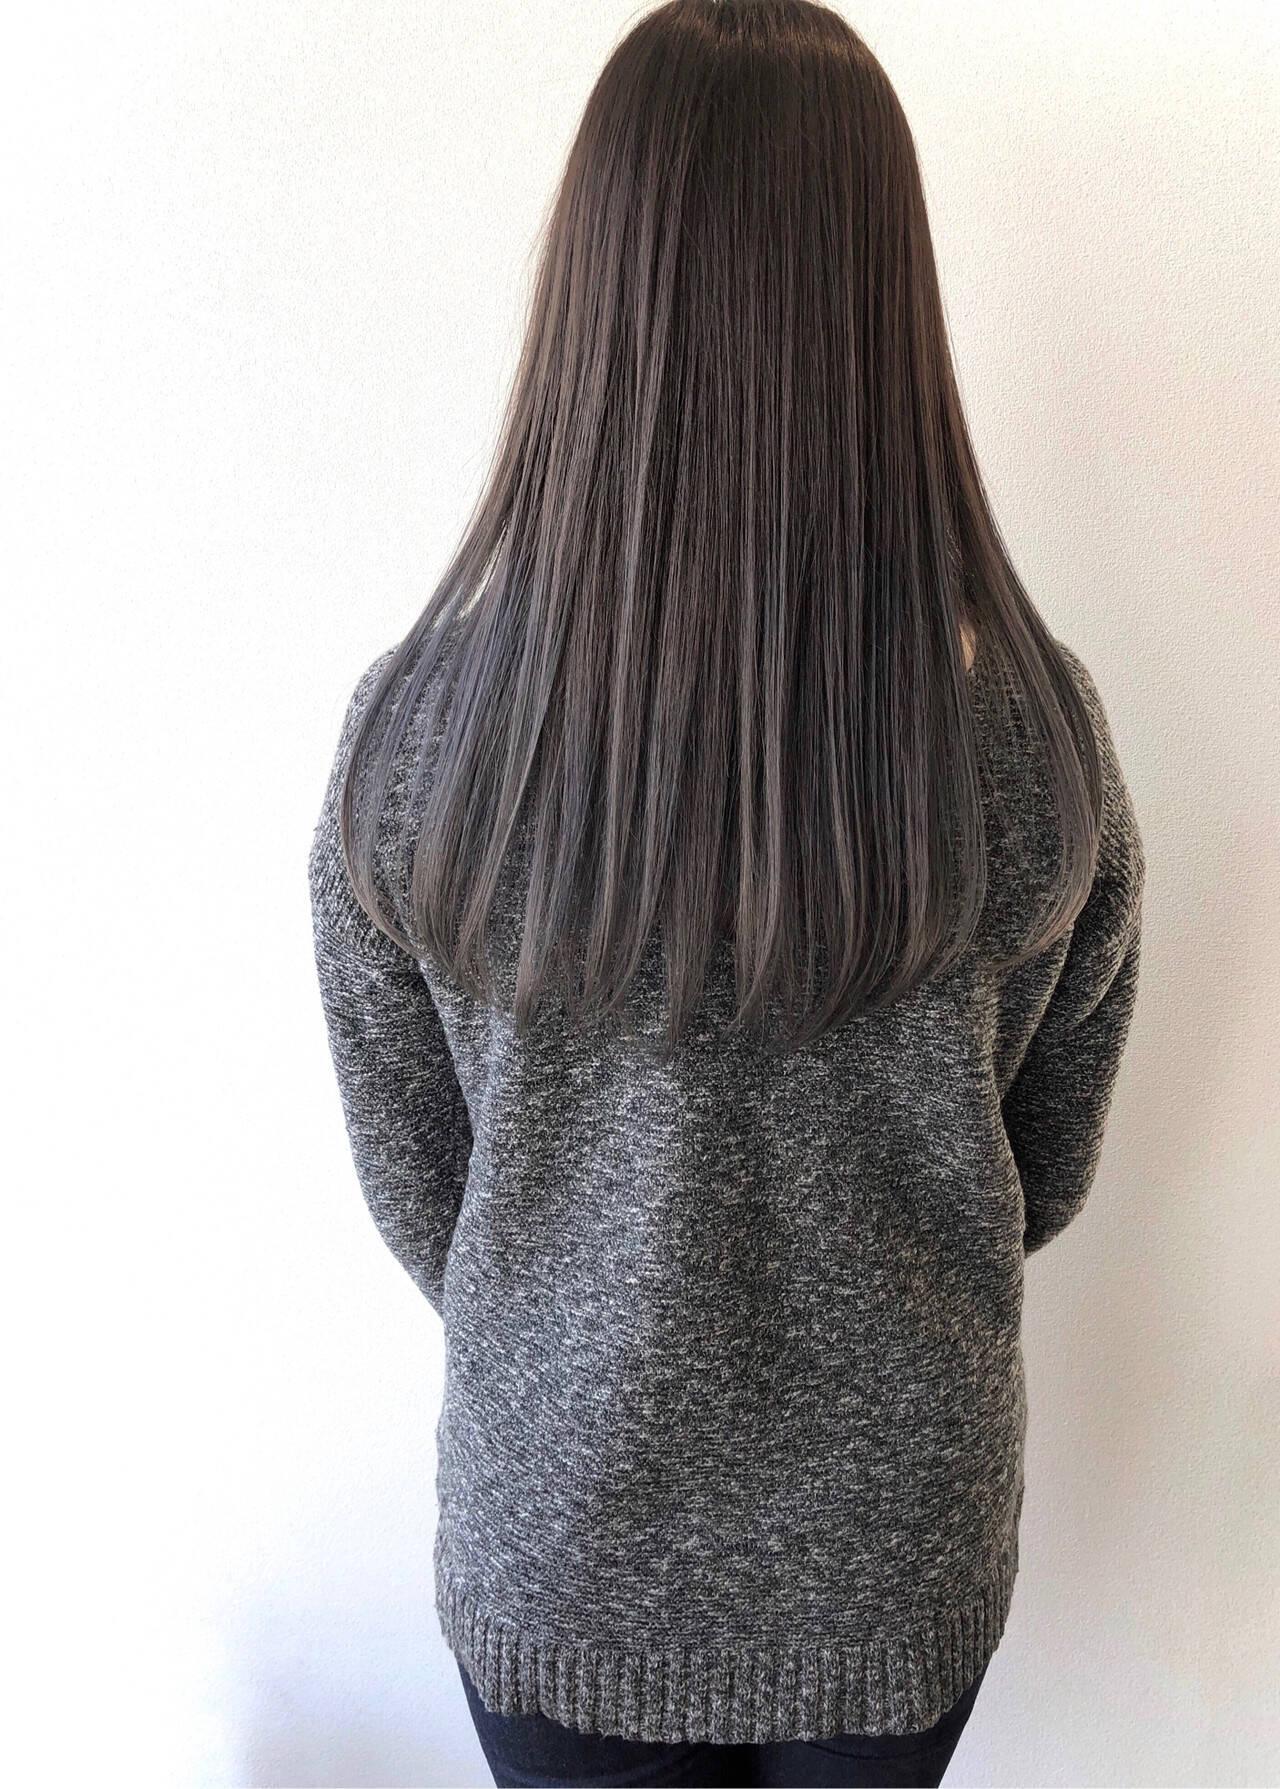 ロング モノトーン シルバーグレイ シルバーアッシュヘアスタイルや髪型の写真・画像